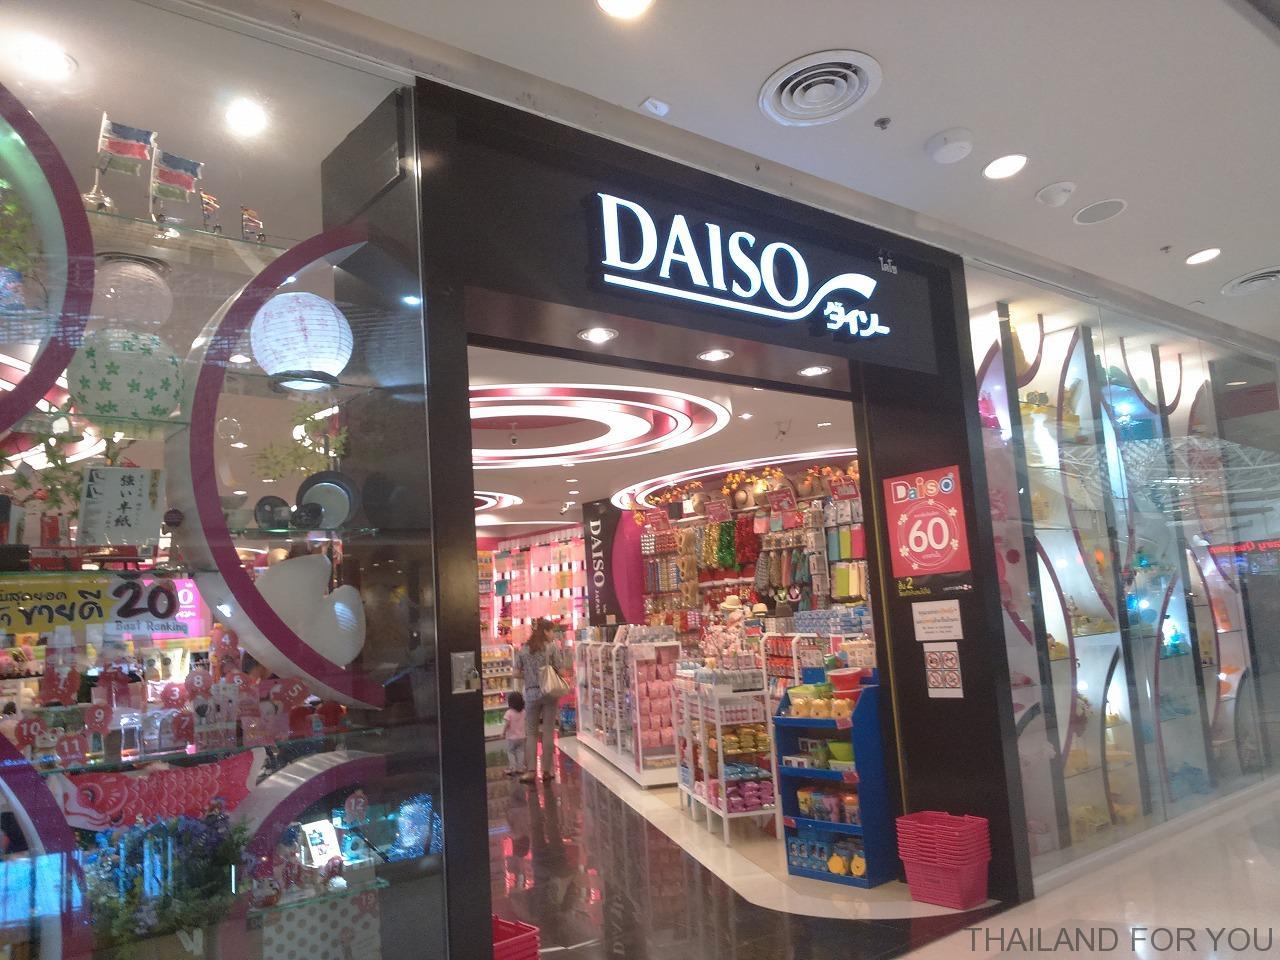 チェンライ セントラルプラザ(Central Praza) 店舗 ダイソー 写真